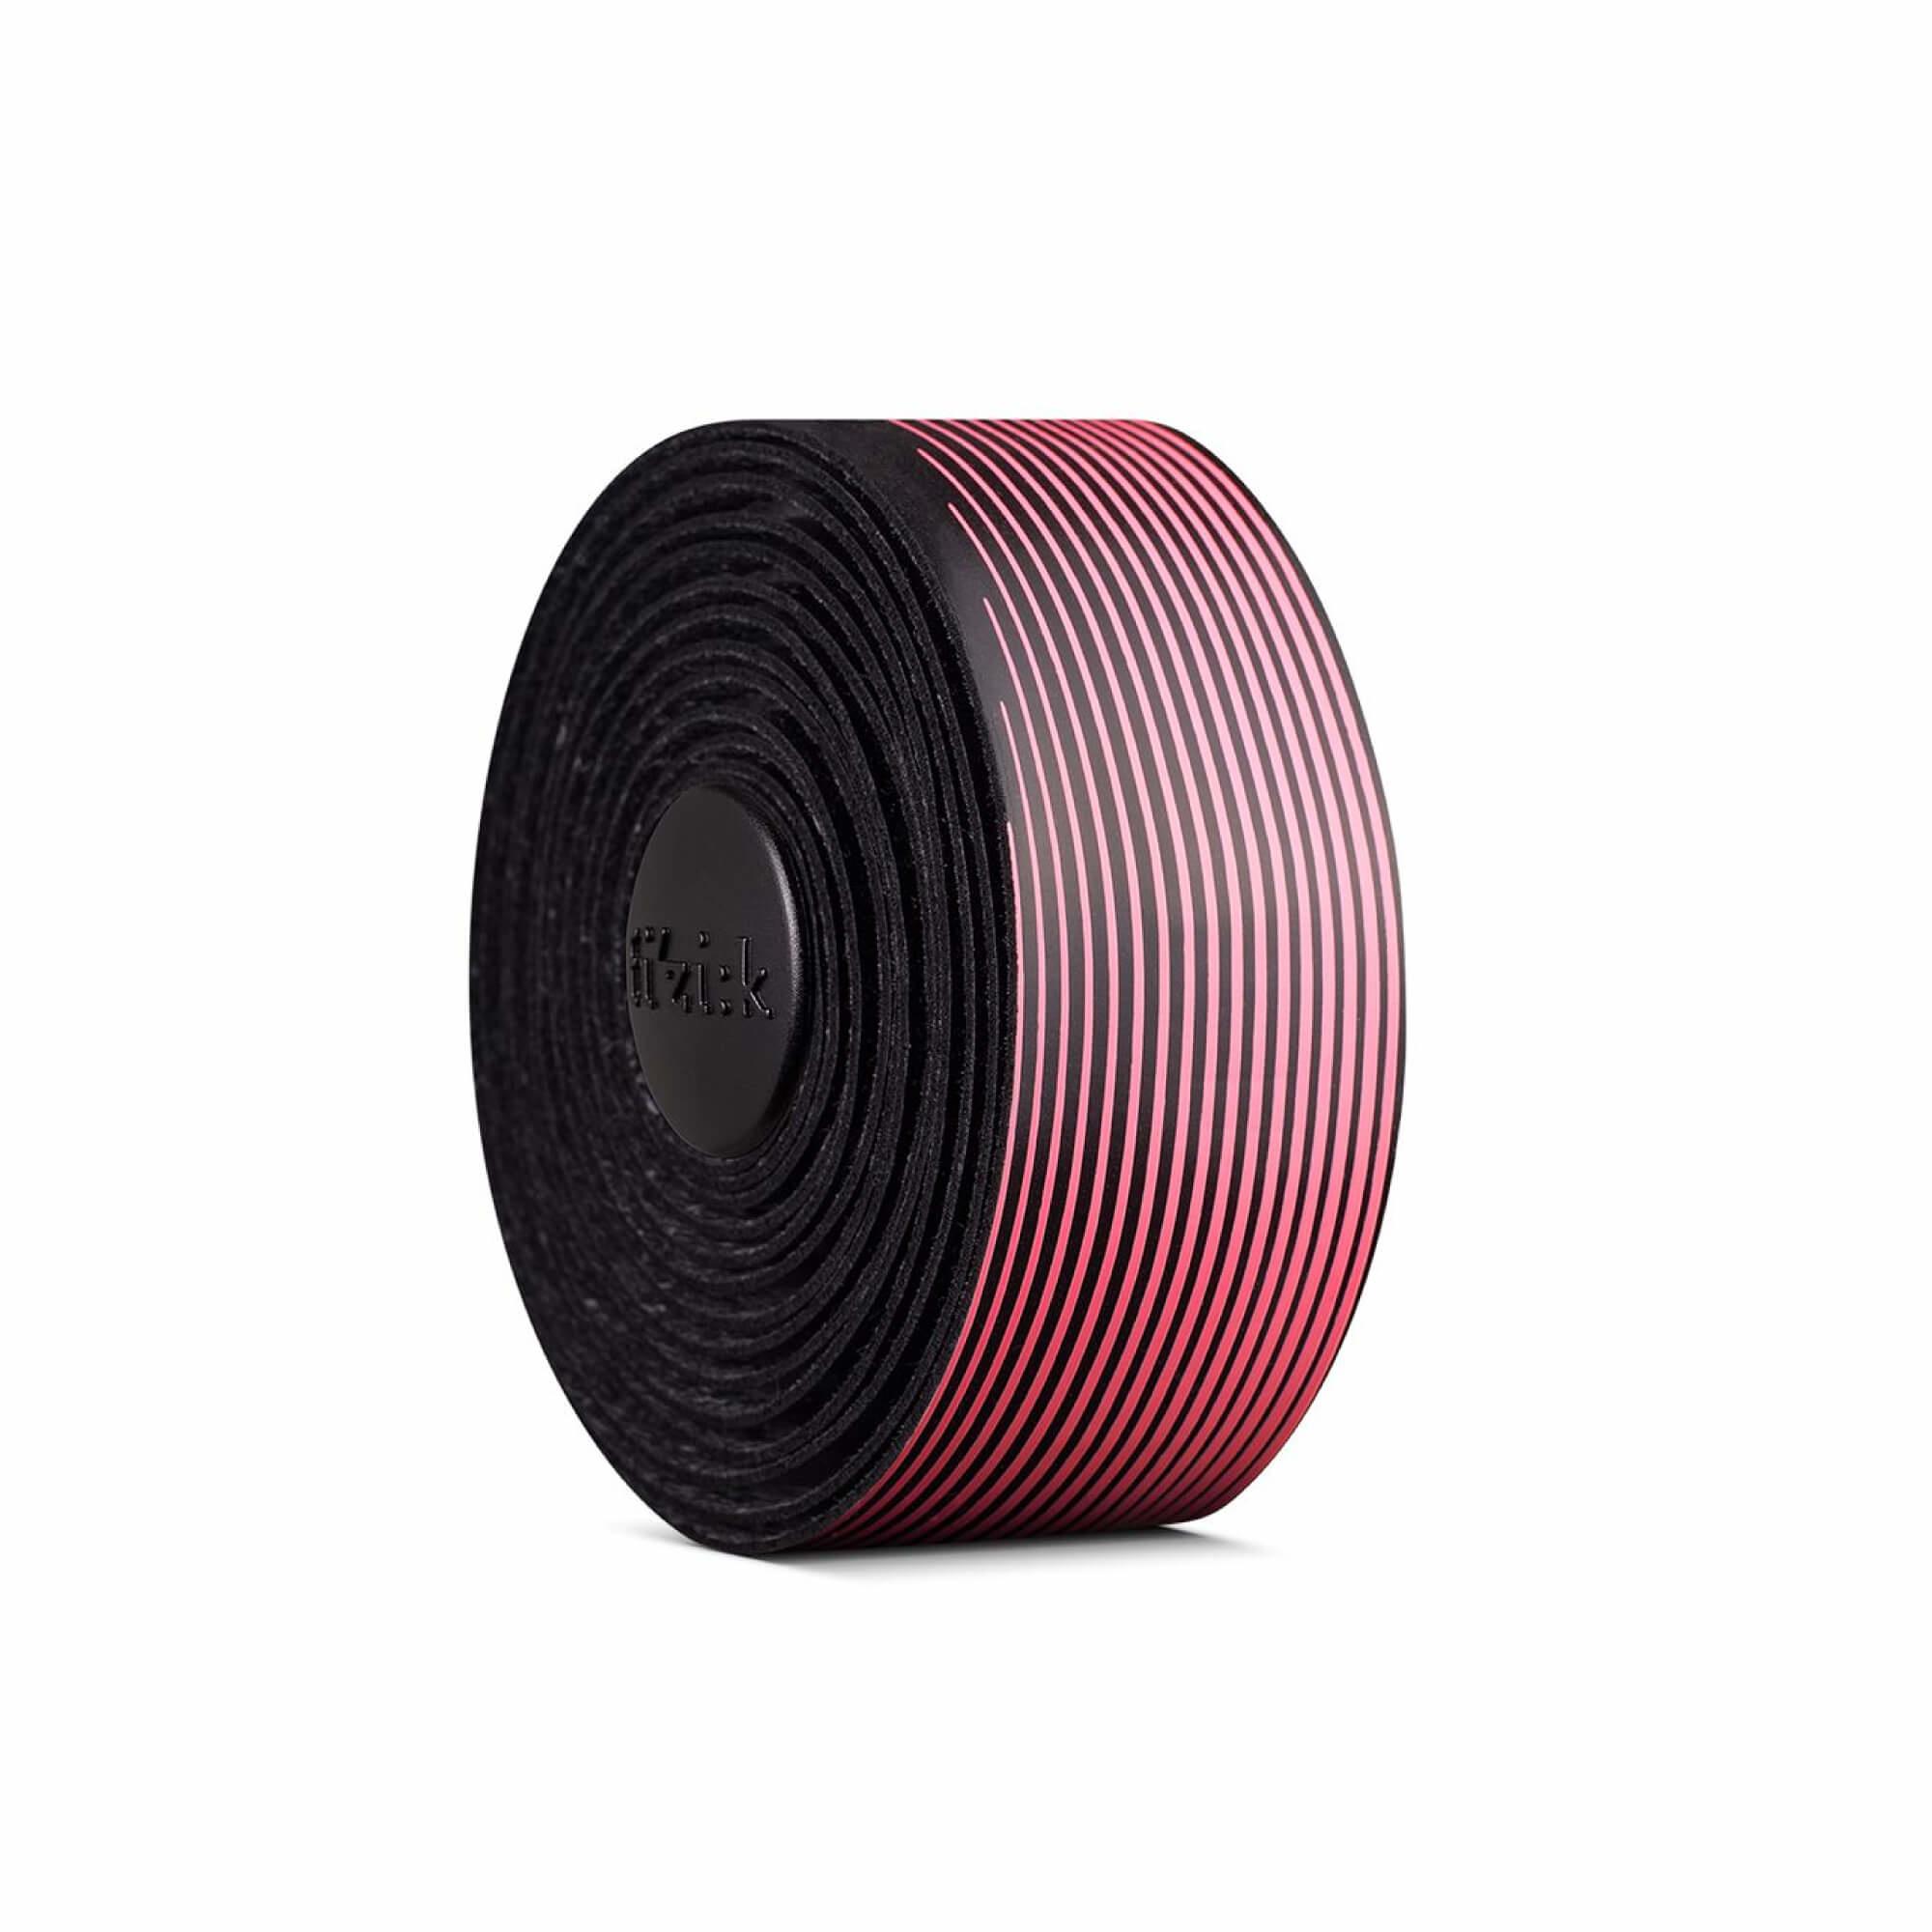 Bar Tape Vento Microtex Tacky-5